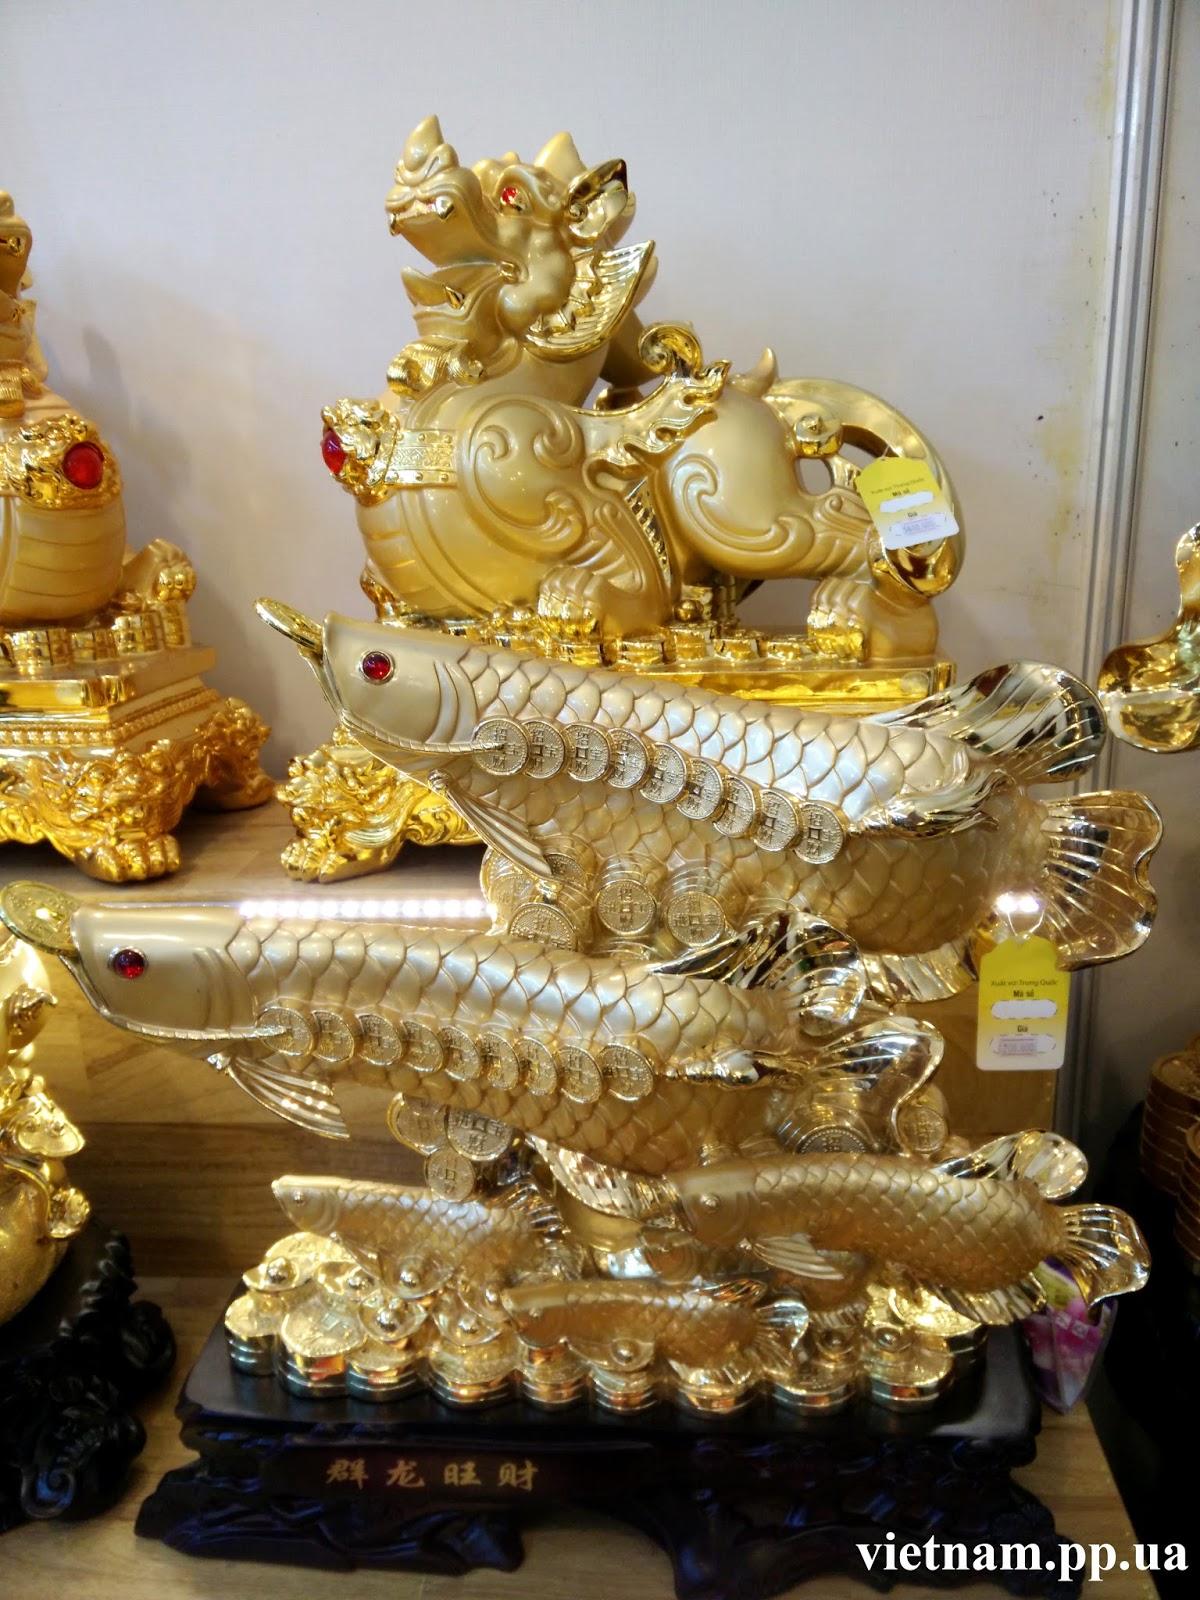 Вьетнамские сувениры